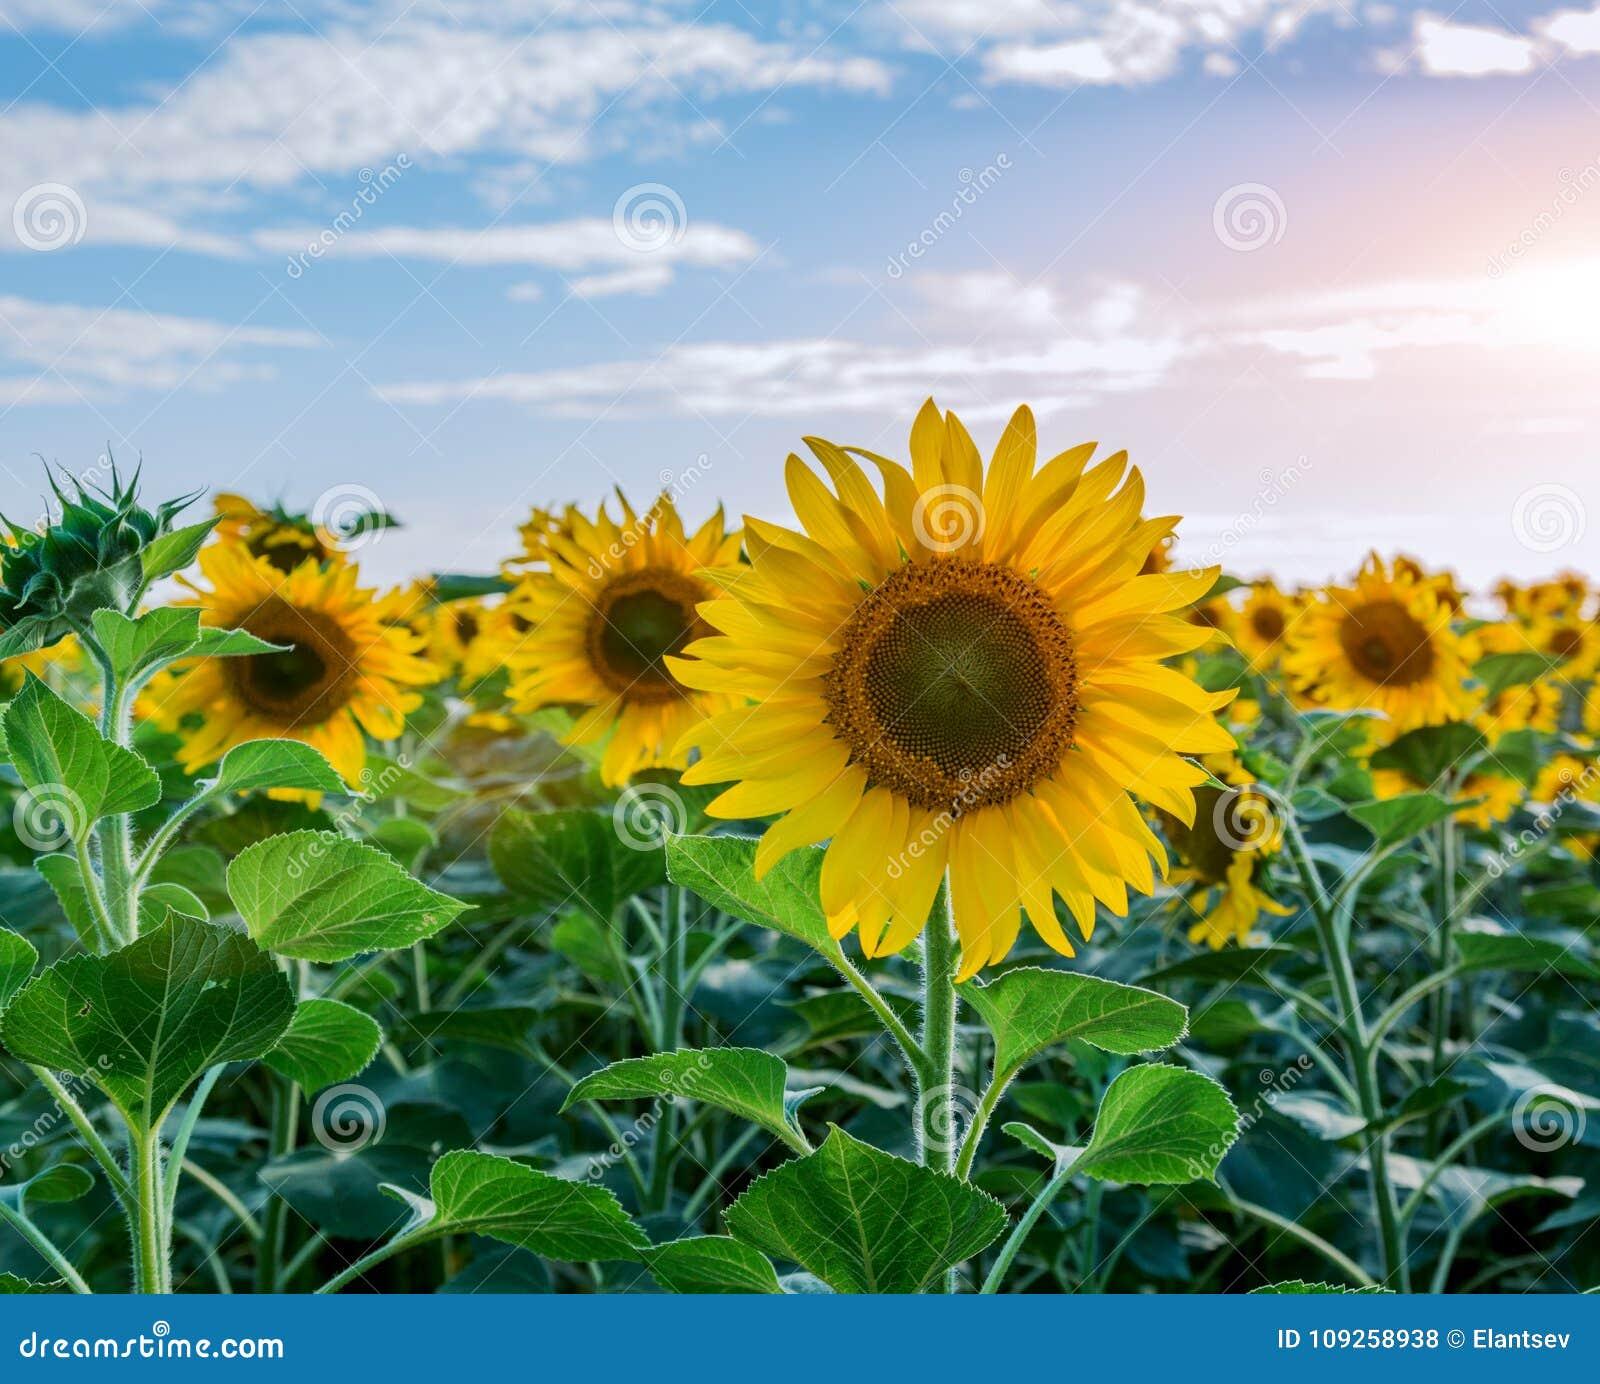 Flor amarela, alaranjada brilhante do girassol no campo do girassol